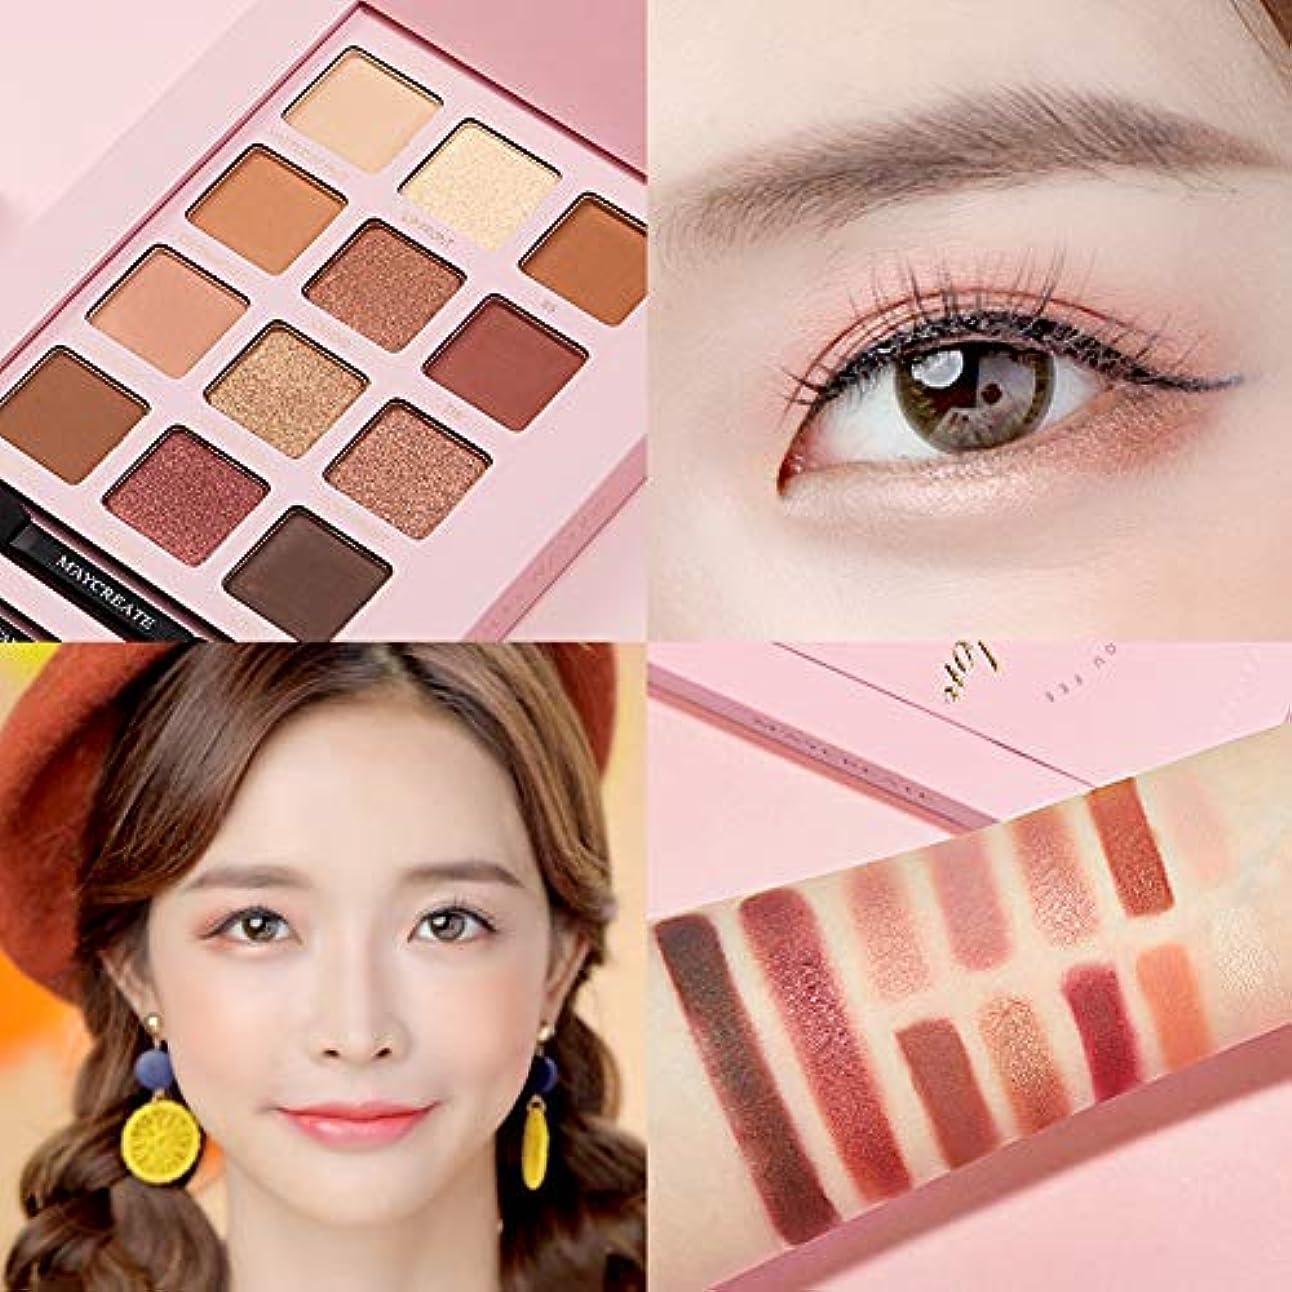 一掃するほめる巡礼者Dkhsyアイシャドーマットアイシャドープレート美容女性の目の化粧品ラスティングキラキラアイシャドウ化粧品ツール 12色